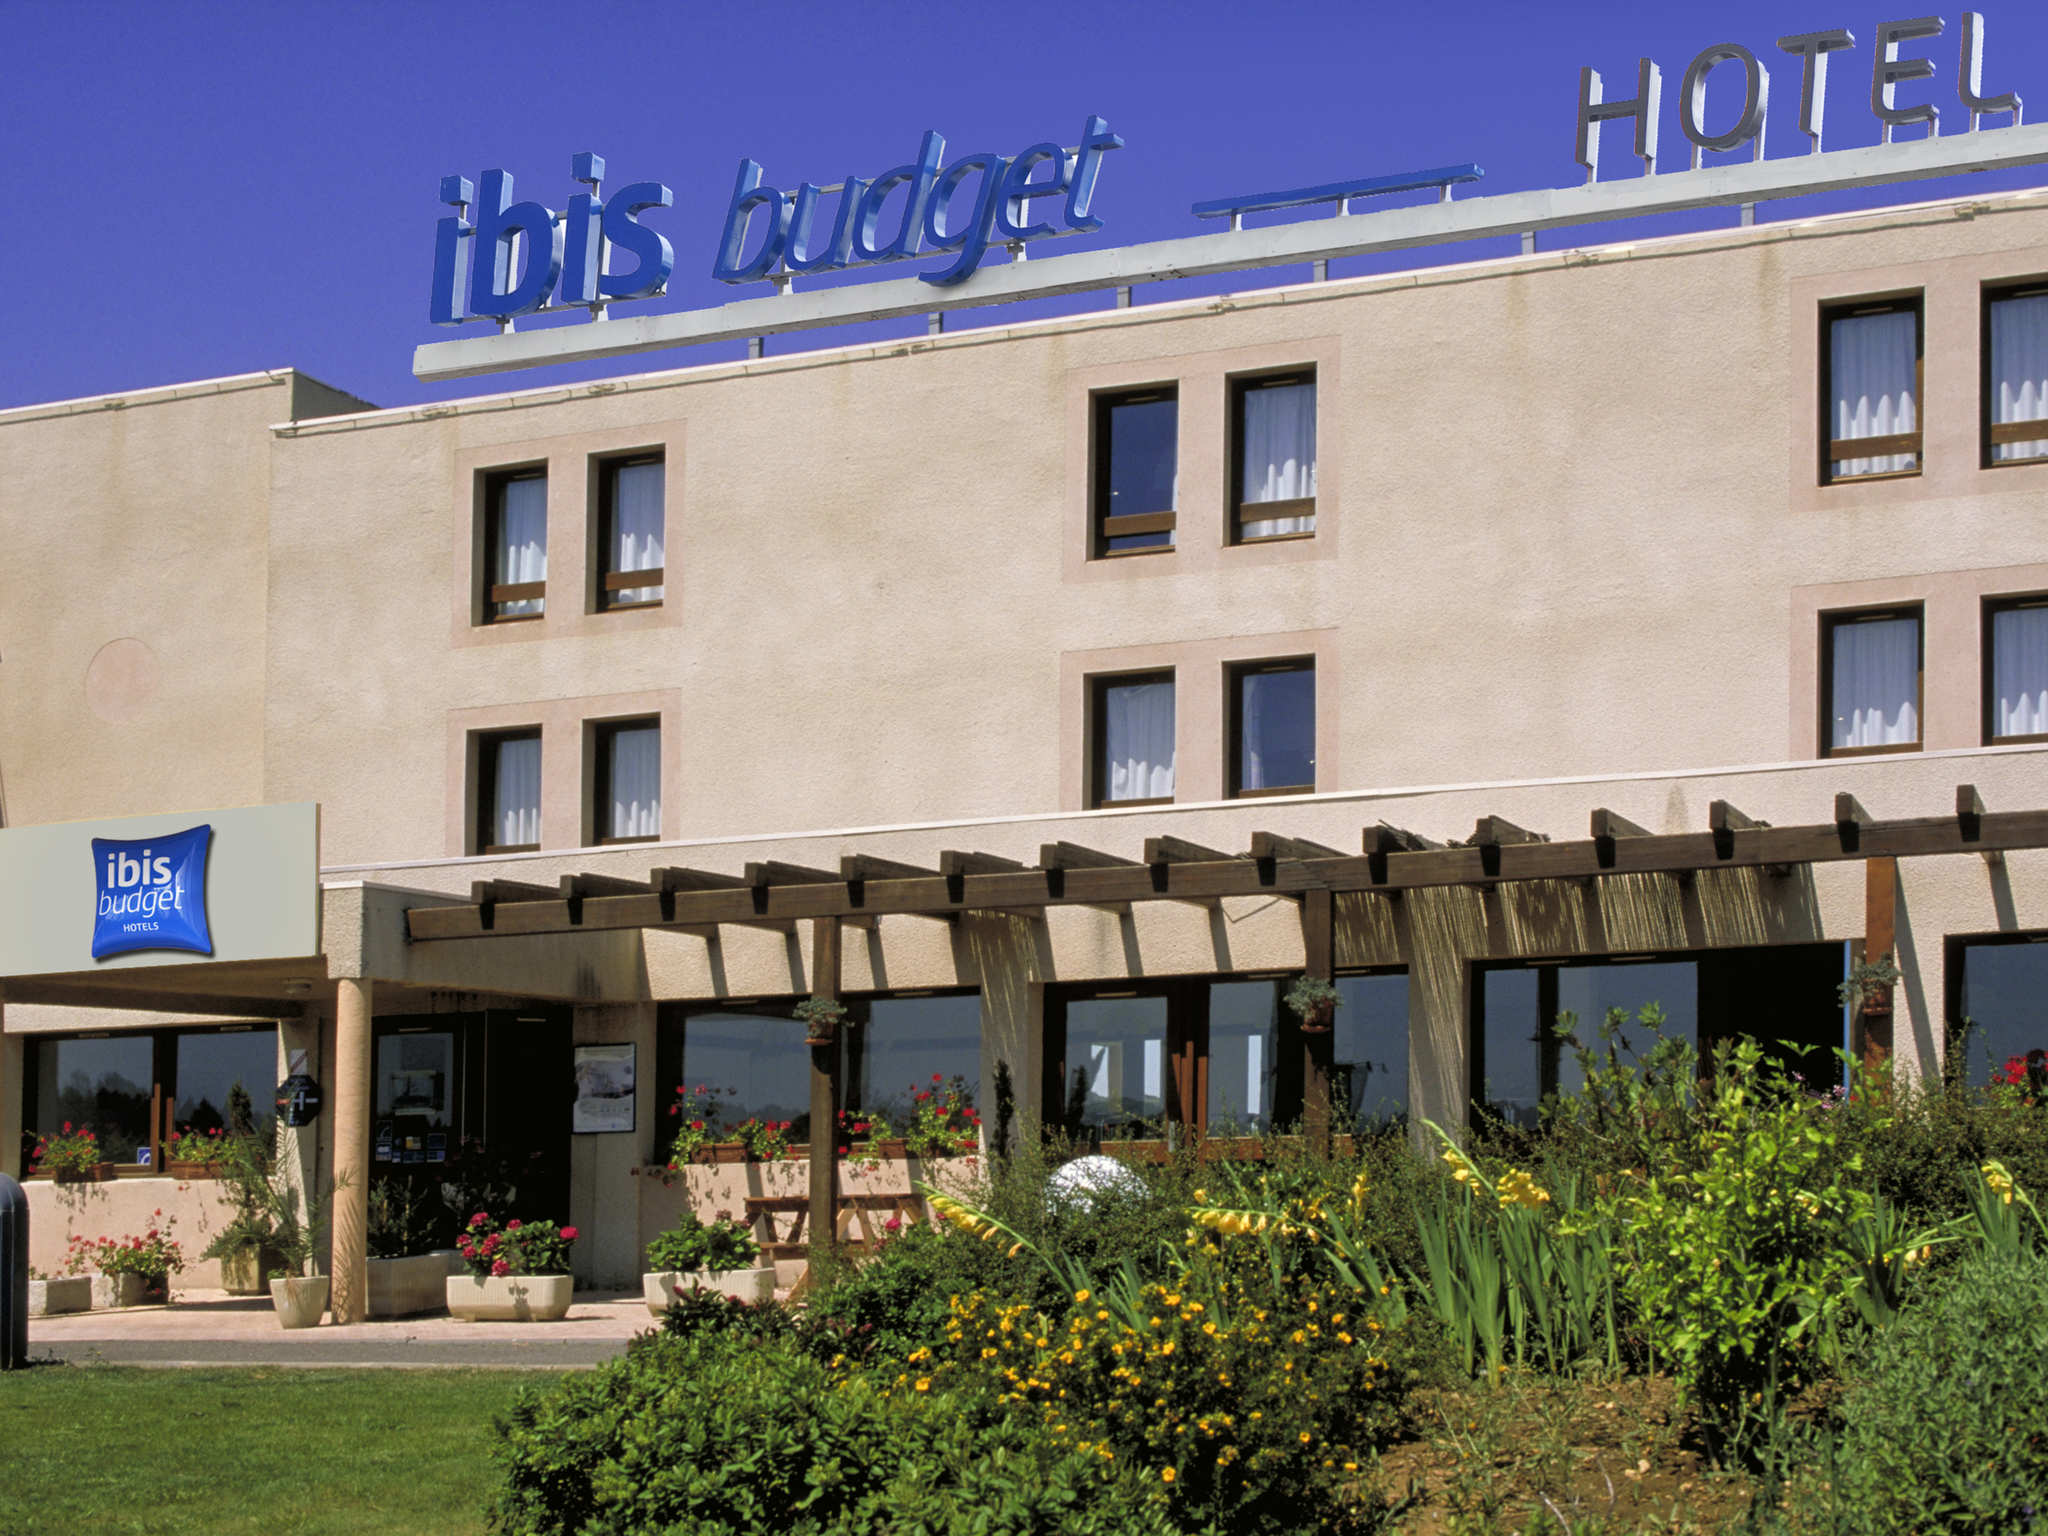 Hôtel - ibis budget Narbonne Sud